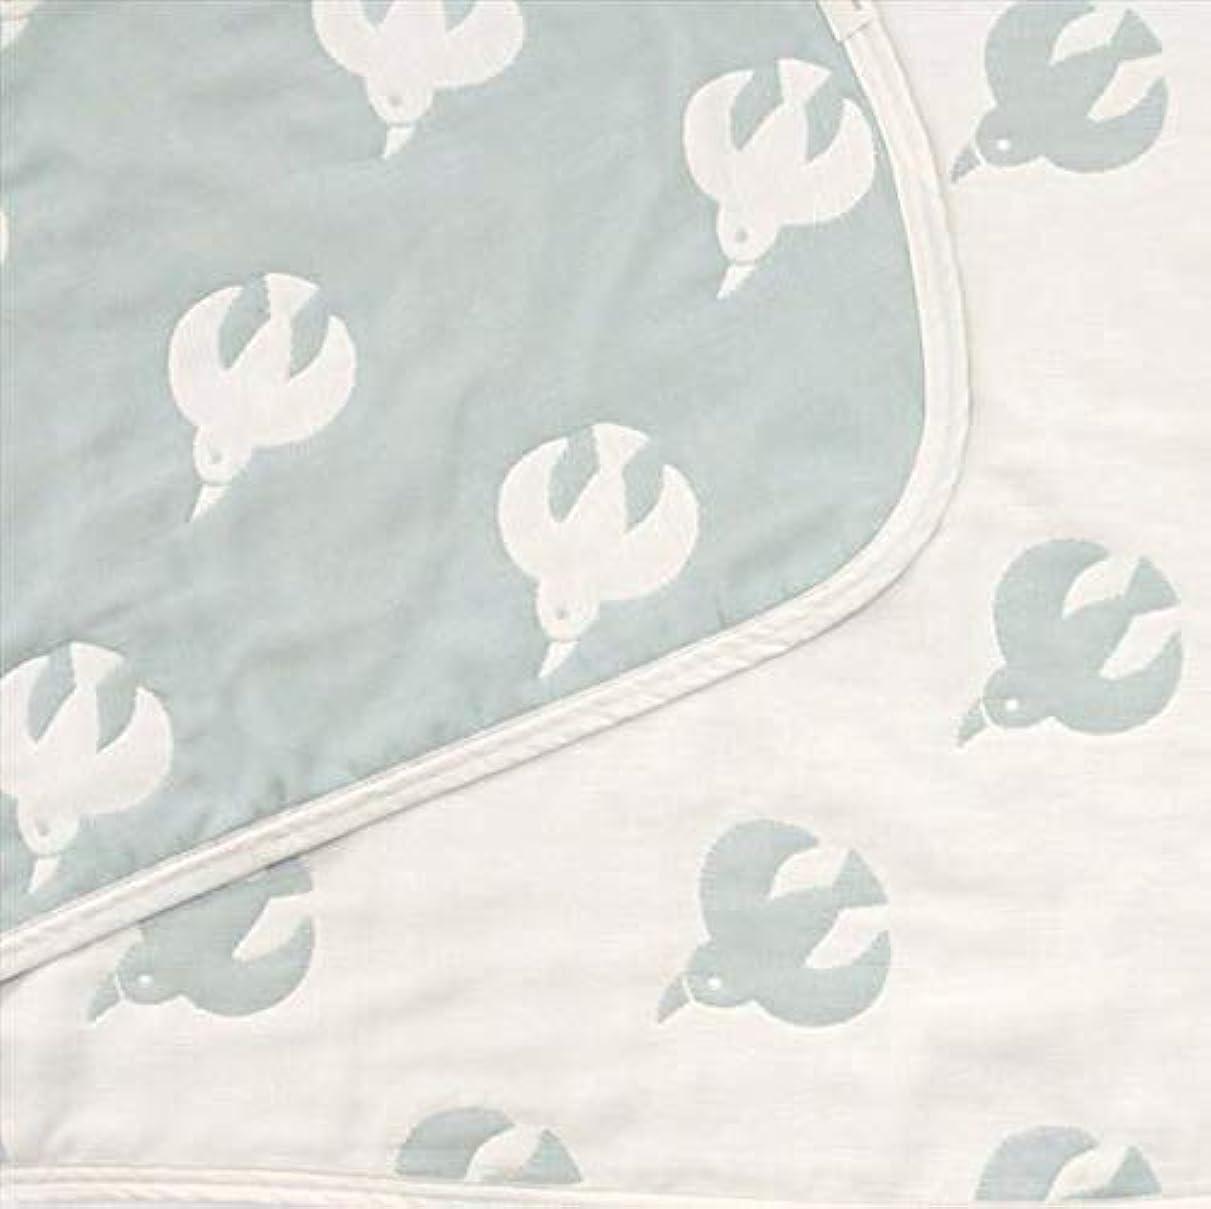 やむを得ない姓白内障Hanzam Cocoa(ハンザムココア) 6重ガーゼケット 6重 タオルケット ブランケット ひざ掛け ギフト 出産祝い おなかけっと 動物シリーズ tori柄 ブルーグレー ハーフサイズ(100×140cm) 日本製(三河木綿)